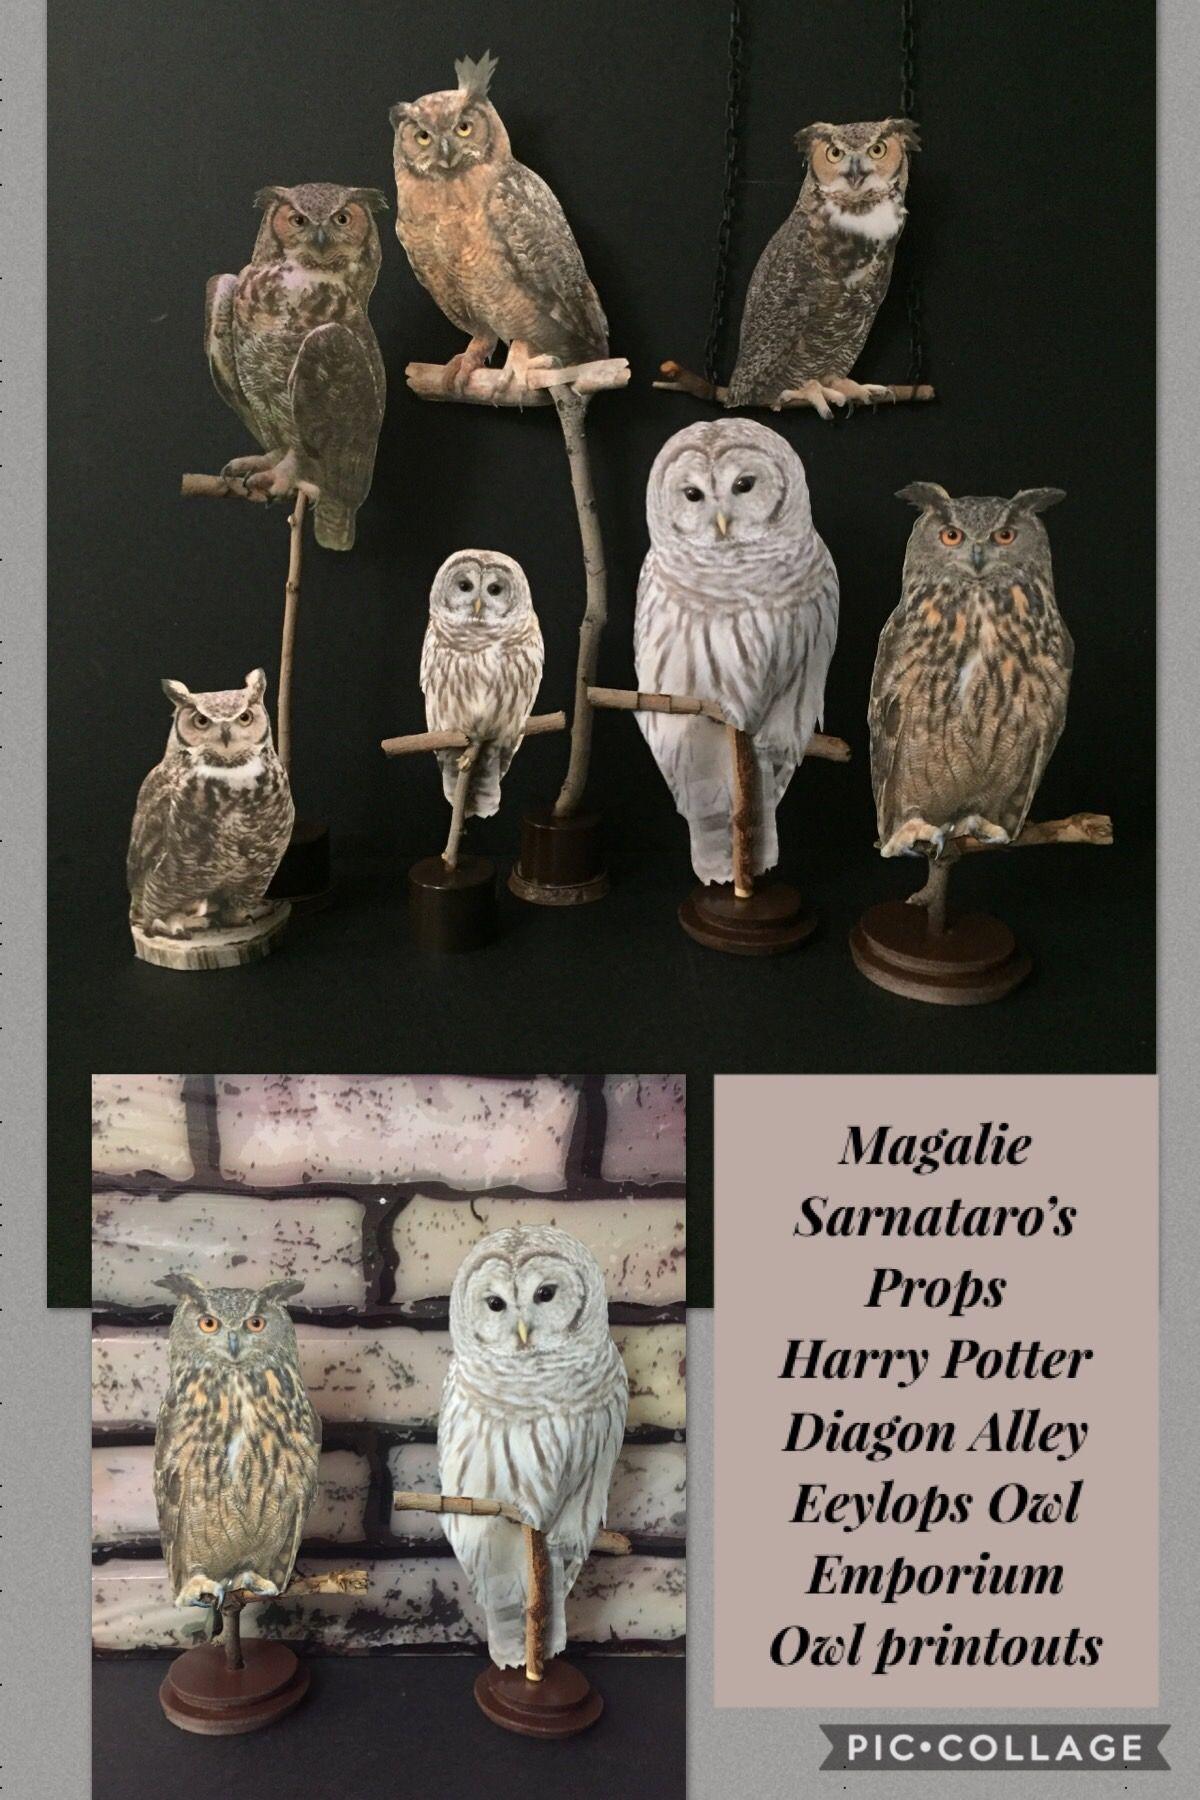 Harry potter stil zimmer magalie sarnatarous props harry potter eeylops owl emporium window